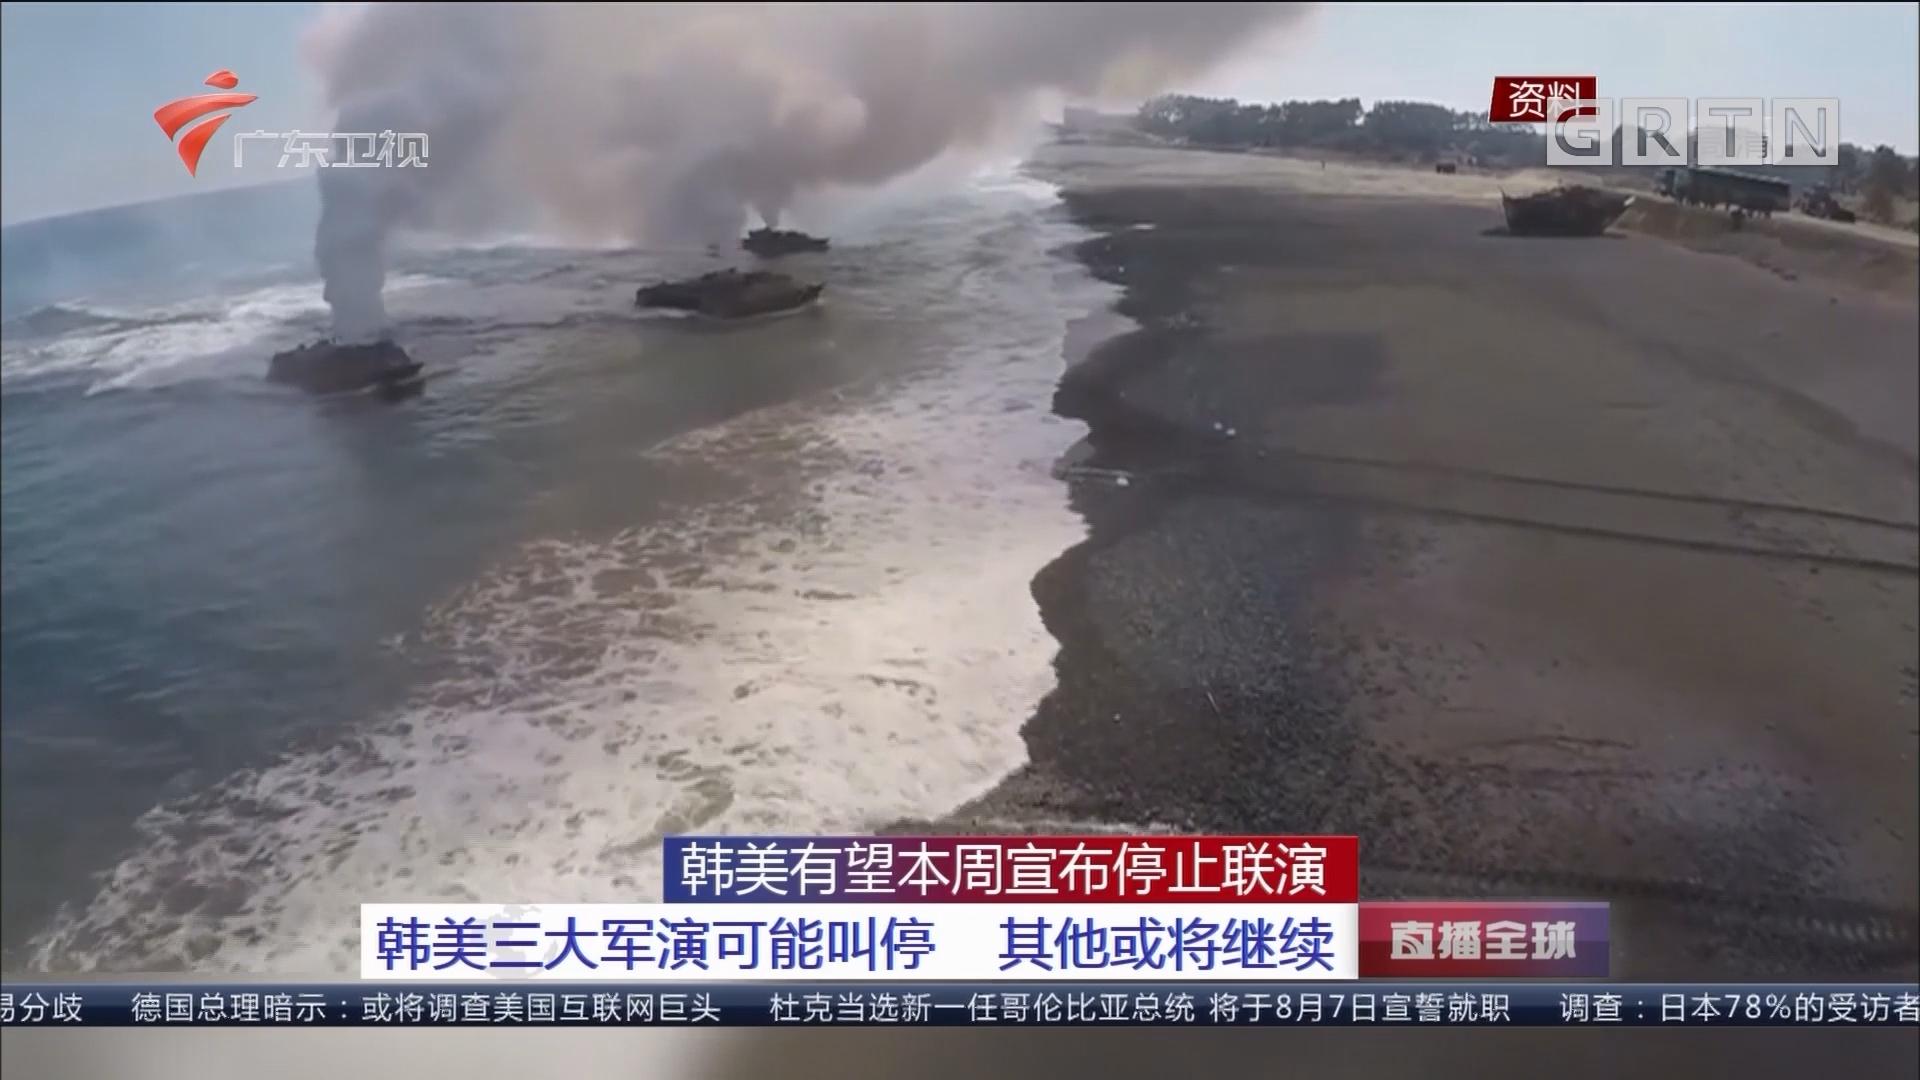 韩美有望本周宣布停止联演:韩美三大军演可能叫停 其他或将继续